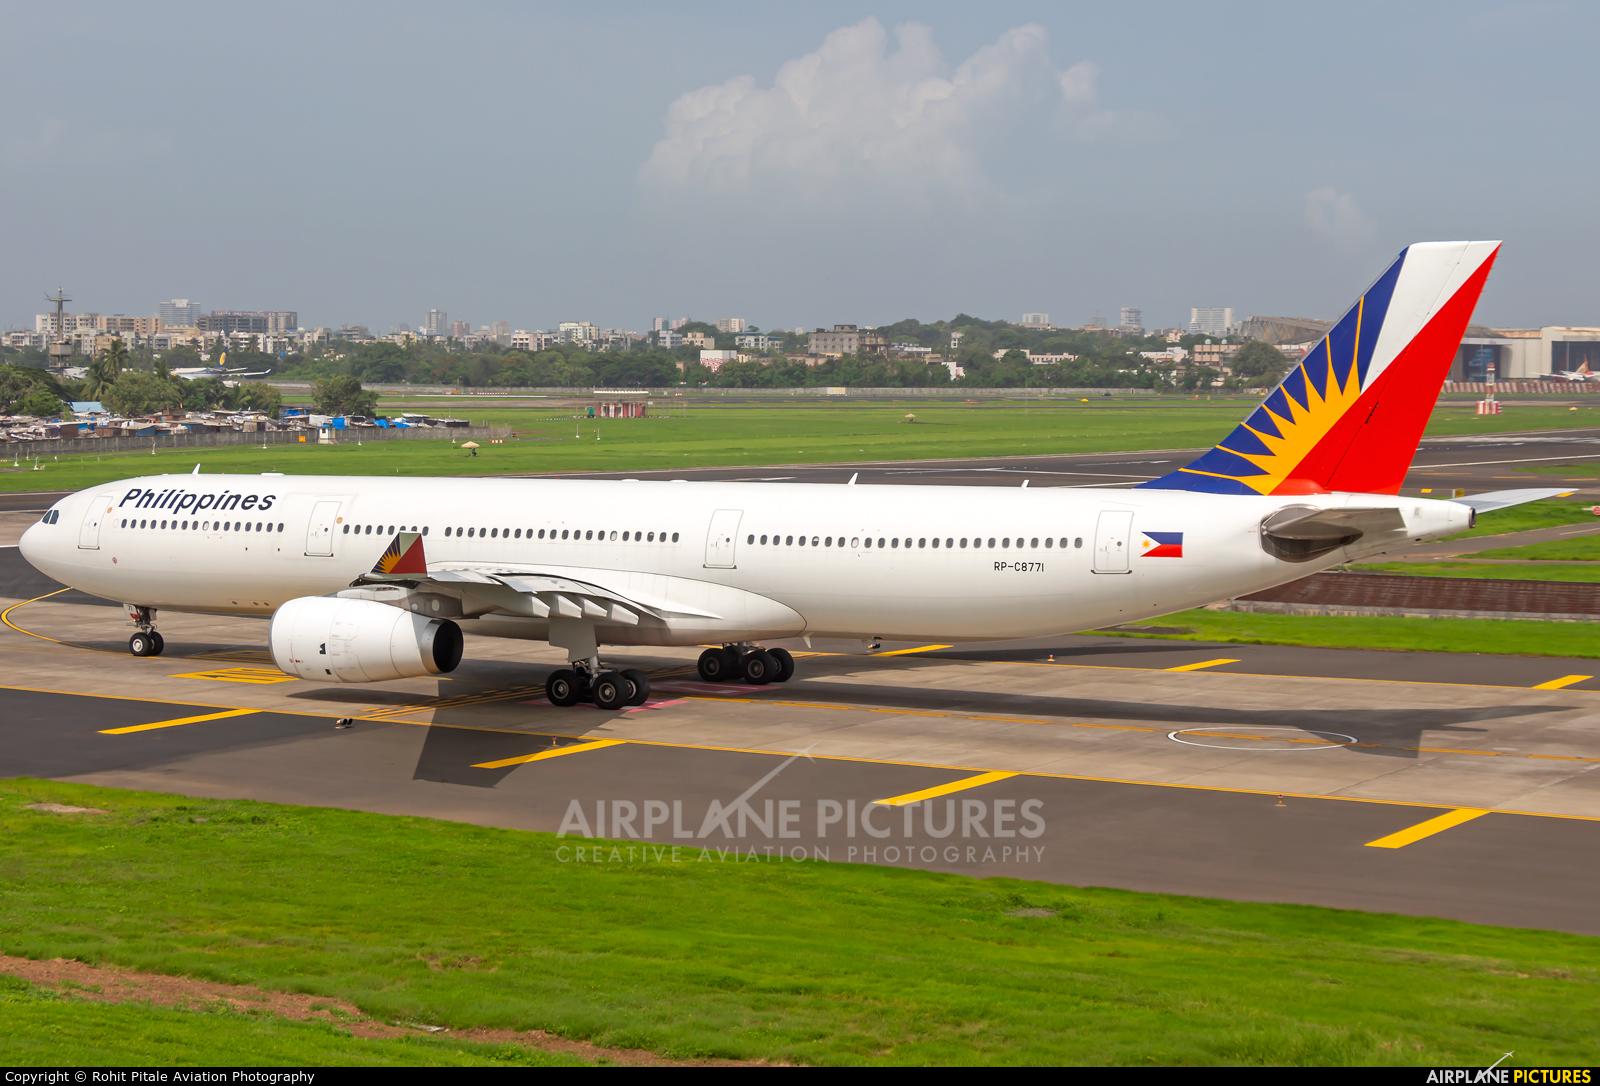 Philippines Airlines RP-C8771 aircraft at Mumbai - Chhatrapati Shivaji Intl